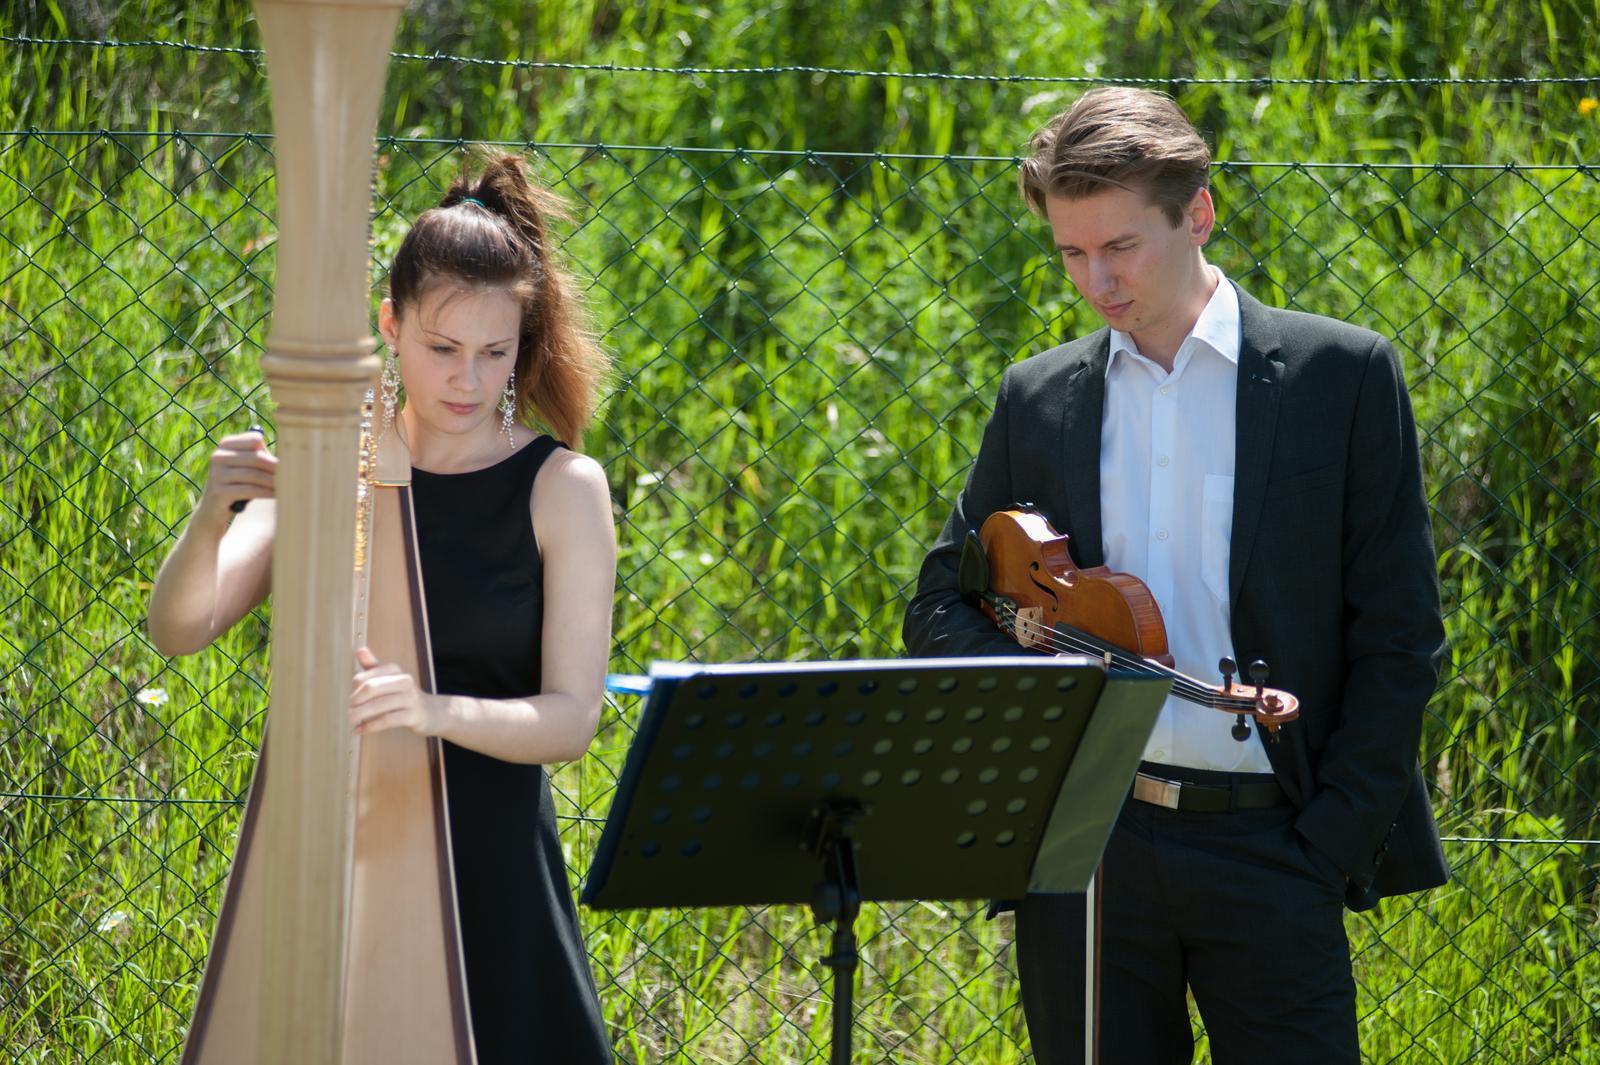 harfistka_simona - Svatba 27.5.2017 - Ježov u Kyjova